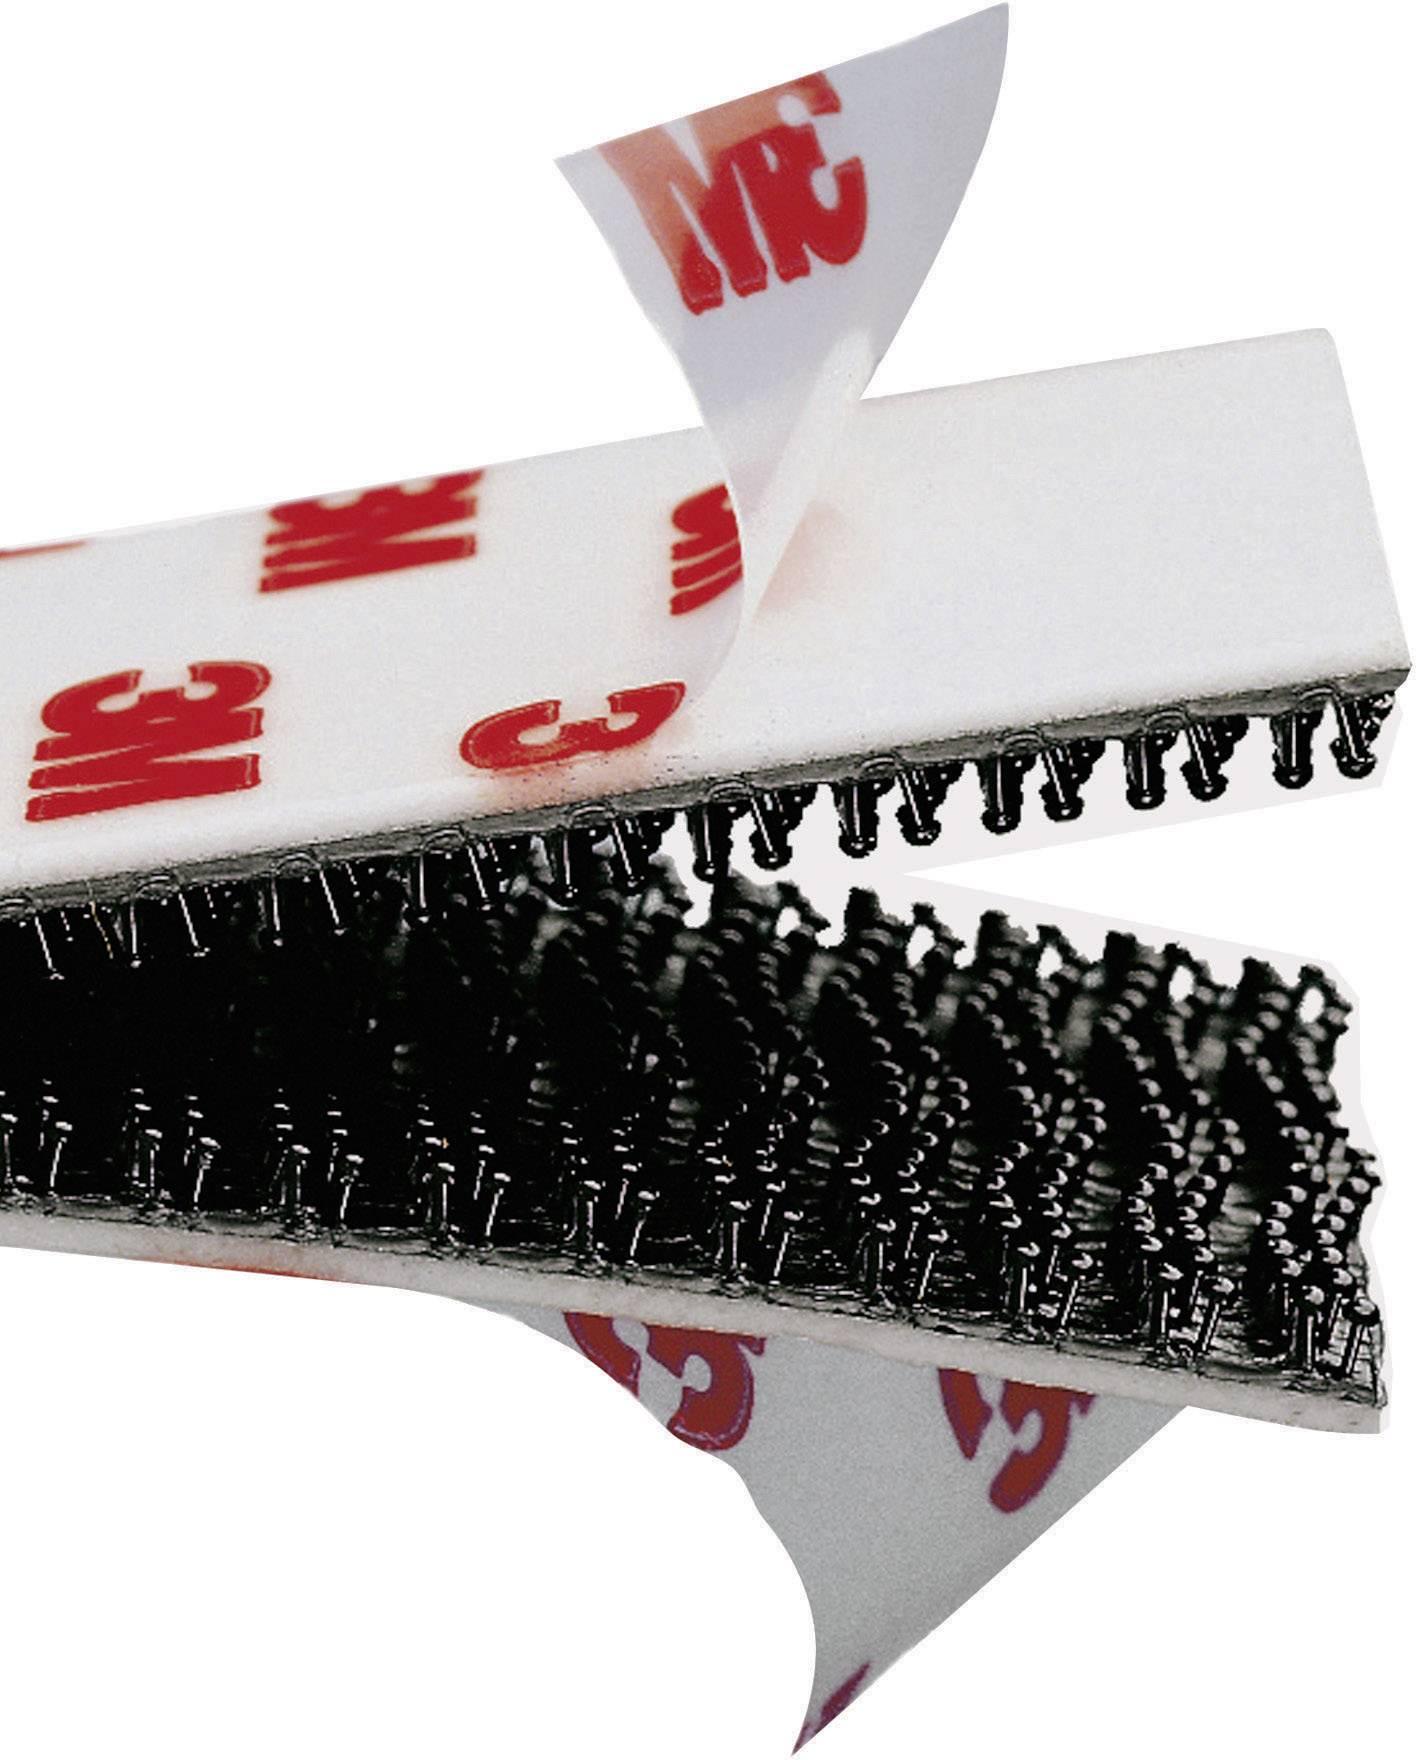 Lepiaci pásik na suchý zips 3M SJ 3550, (d x š) 1000 mm x 25 mm, čierna, metrový tovar